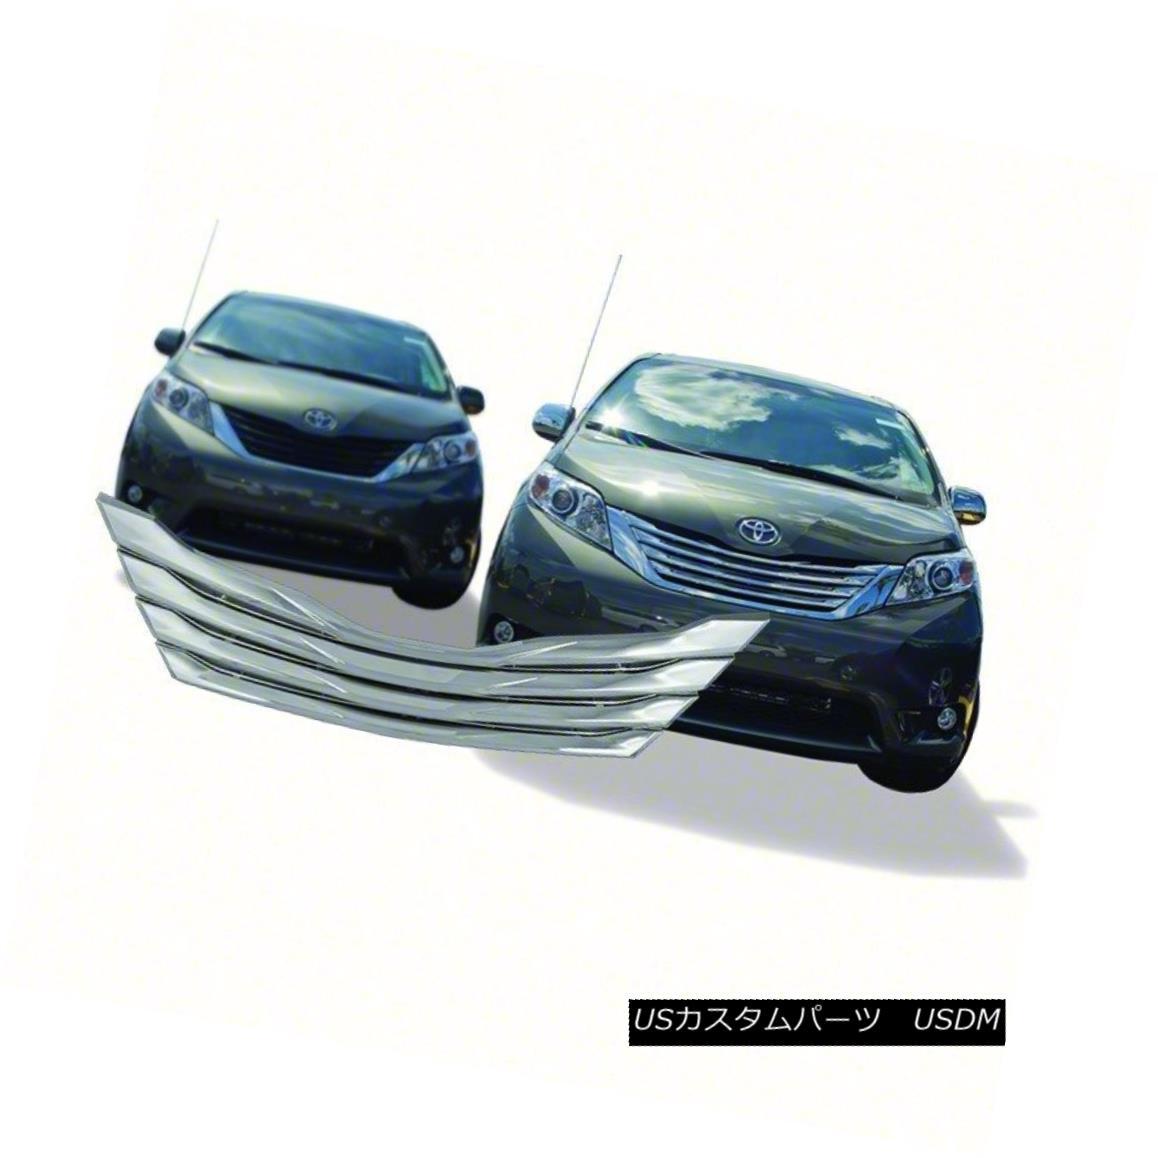 グリル 2011-2014 Toyota Sienna Chrome Grille Overlay IWCGI201 2011-2014トヨタシエナクロームグリルオーバーレイIWCGI201